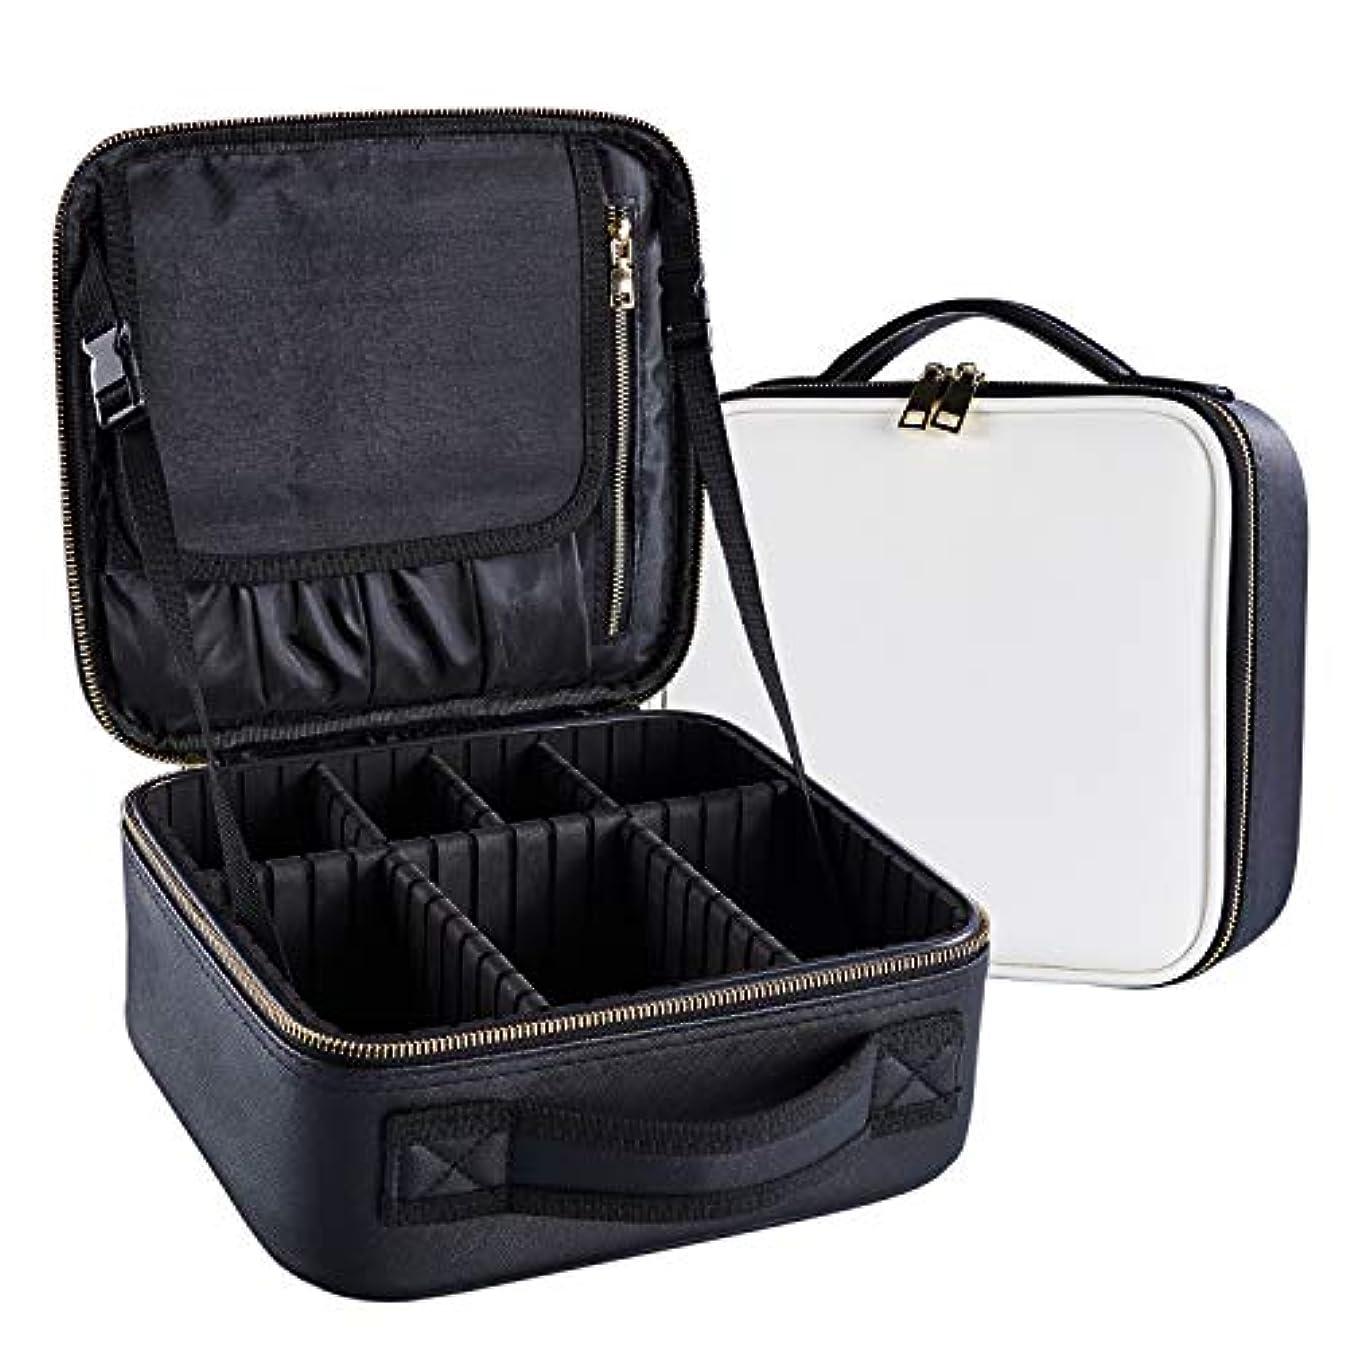 スチュワード講義空いているArcEnCiel メイクボックス プロ用 化粧道具 コスメ収納 化粧箱 收納抜群 大容量 メイクアップ ボックス